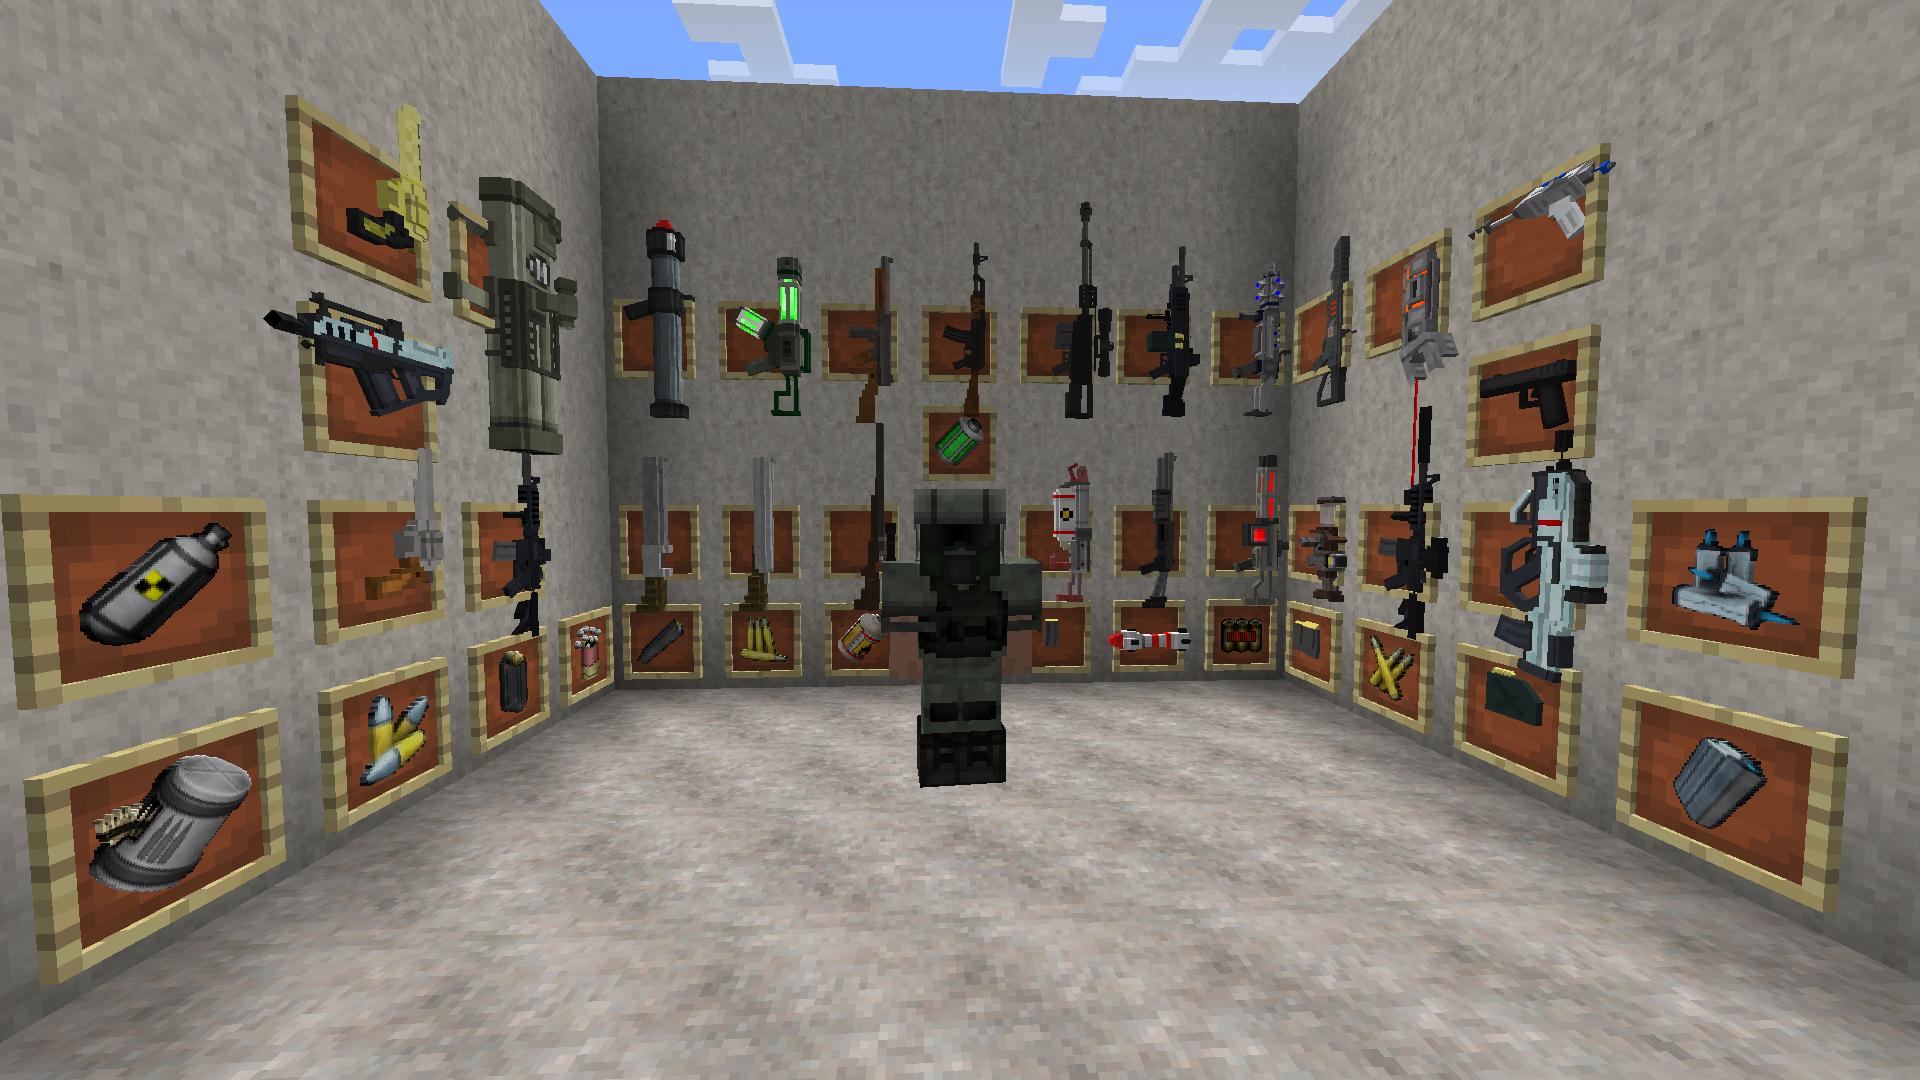 Мод в майнкрафт 1.7.10 на пушки и лазерные установки